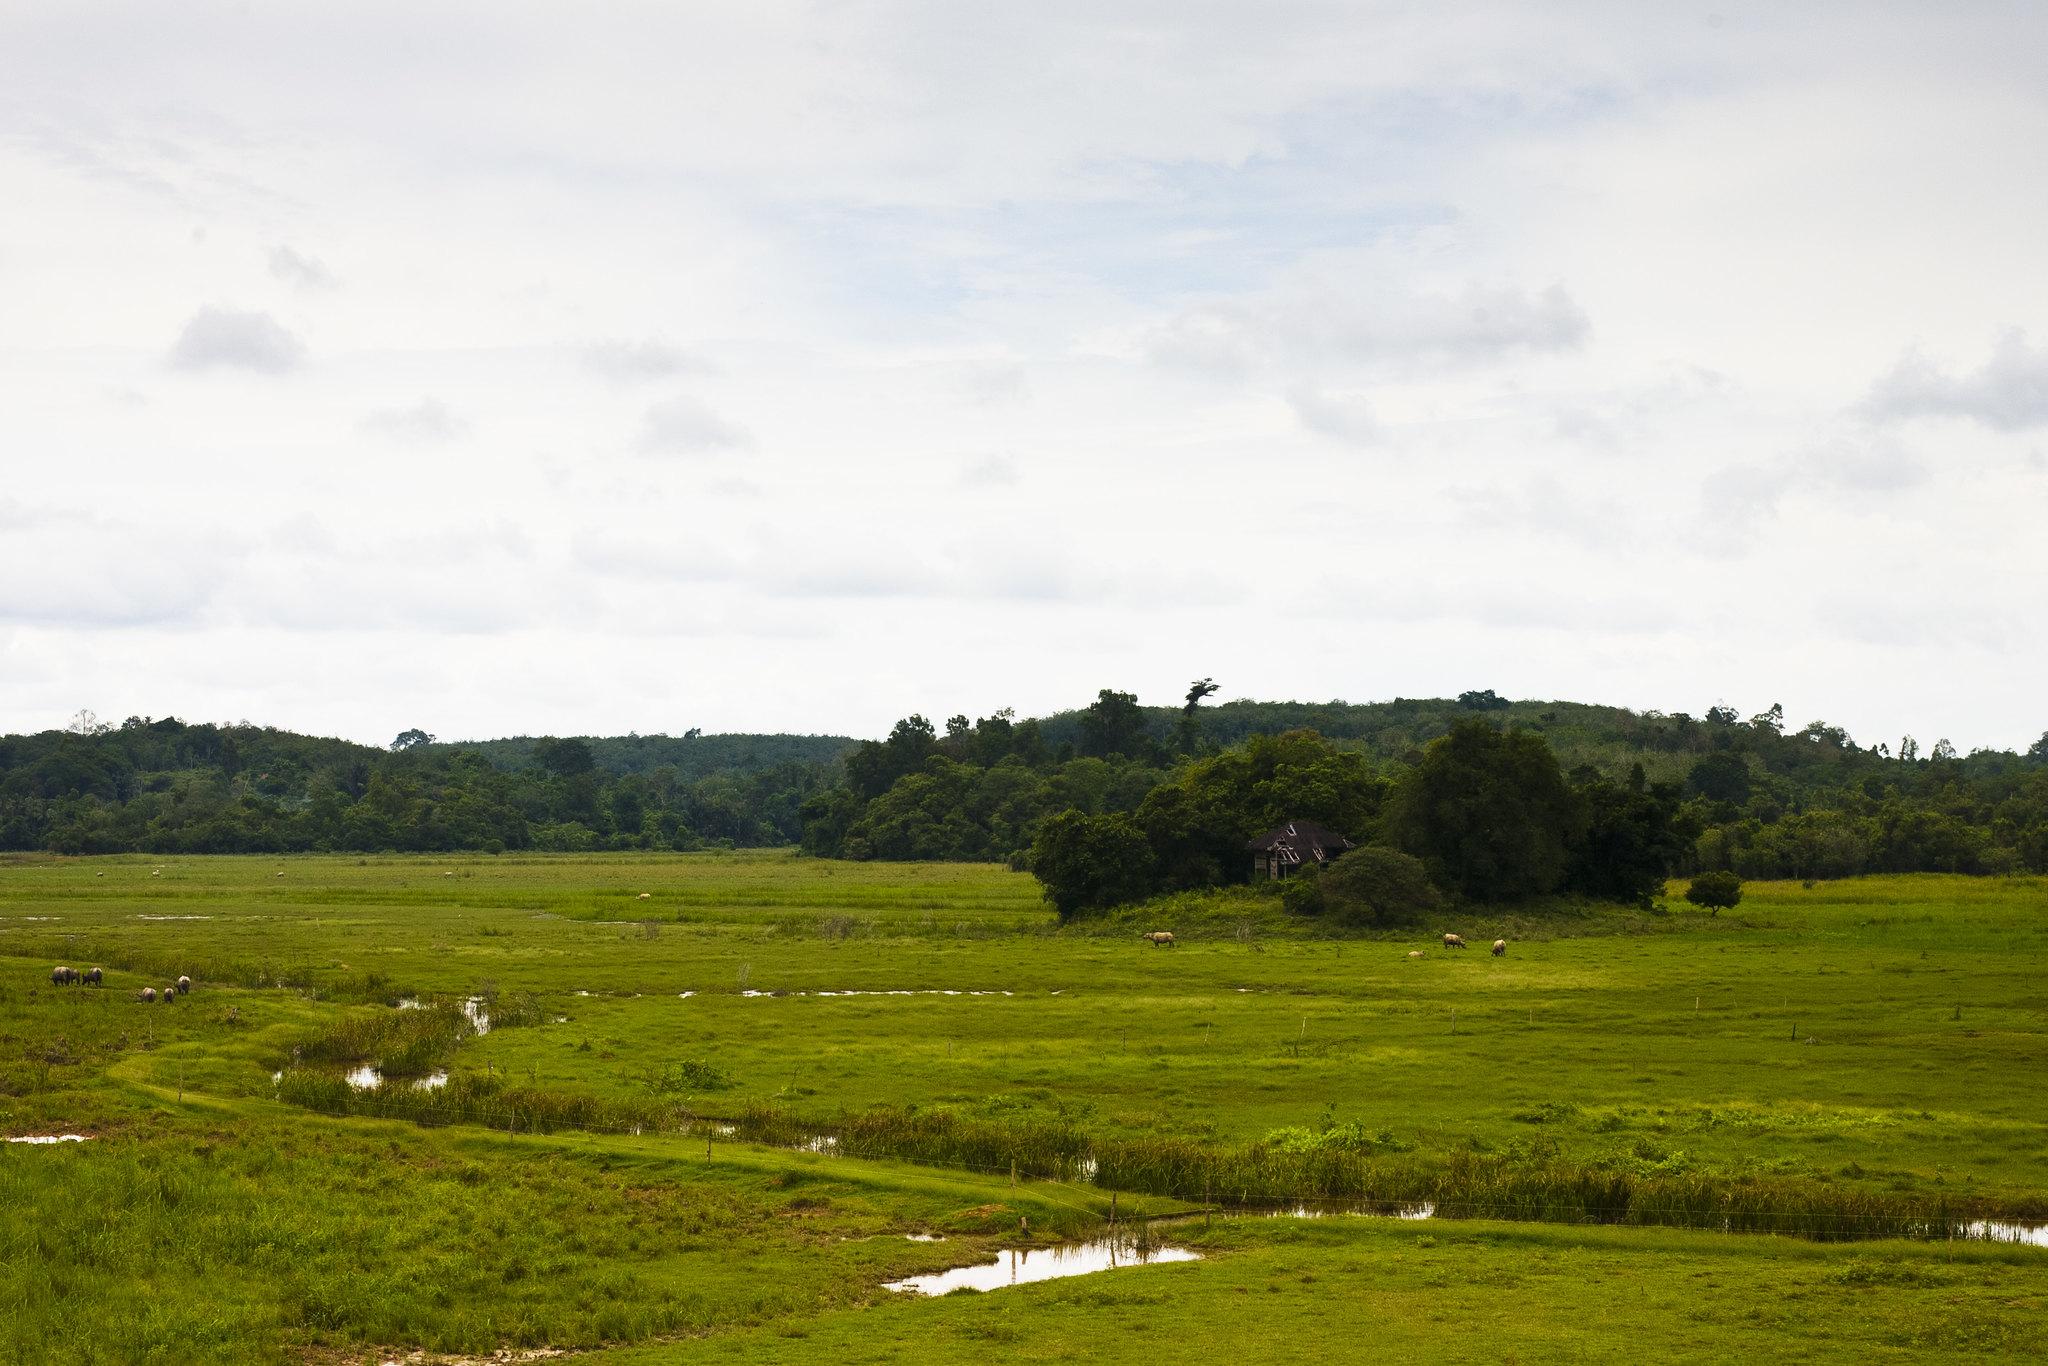 Pahang sights